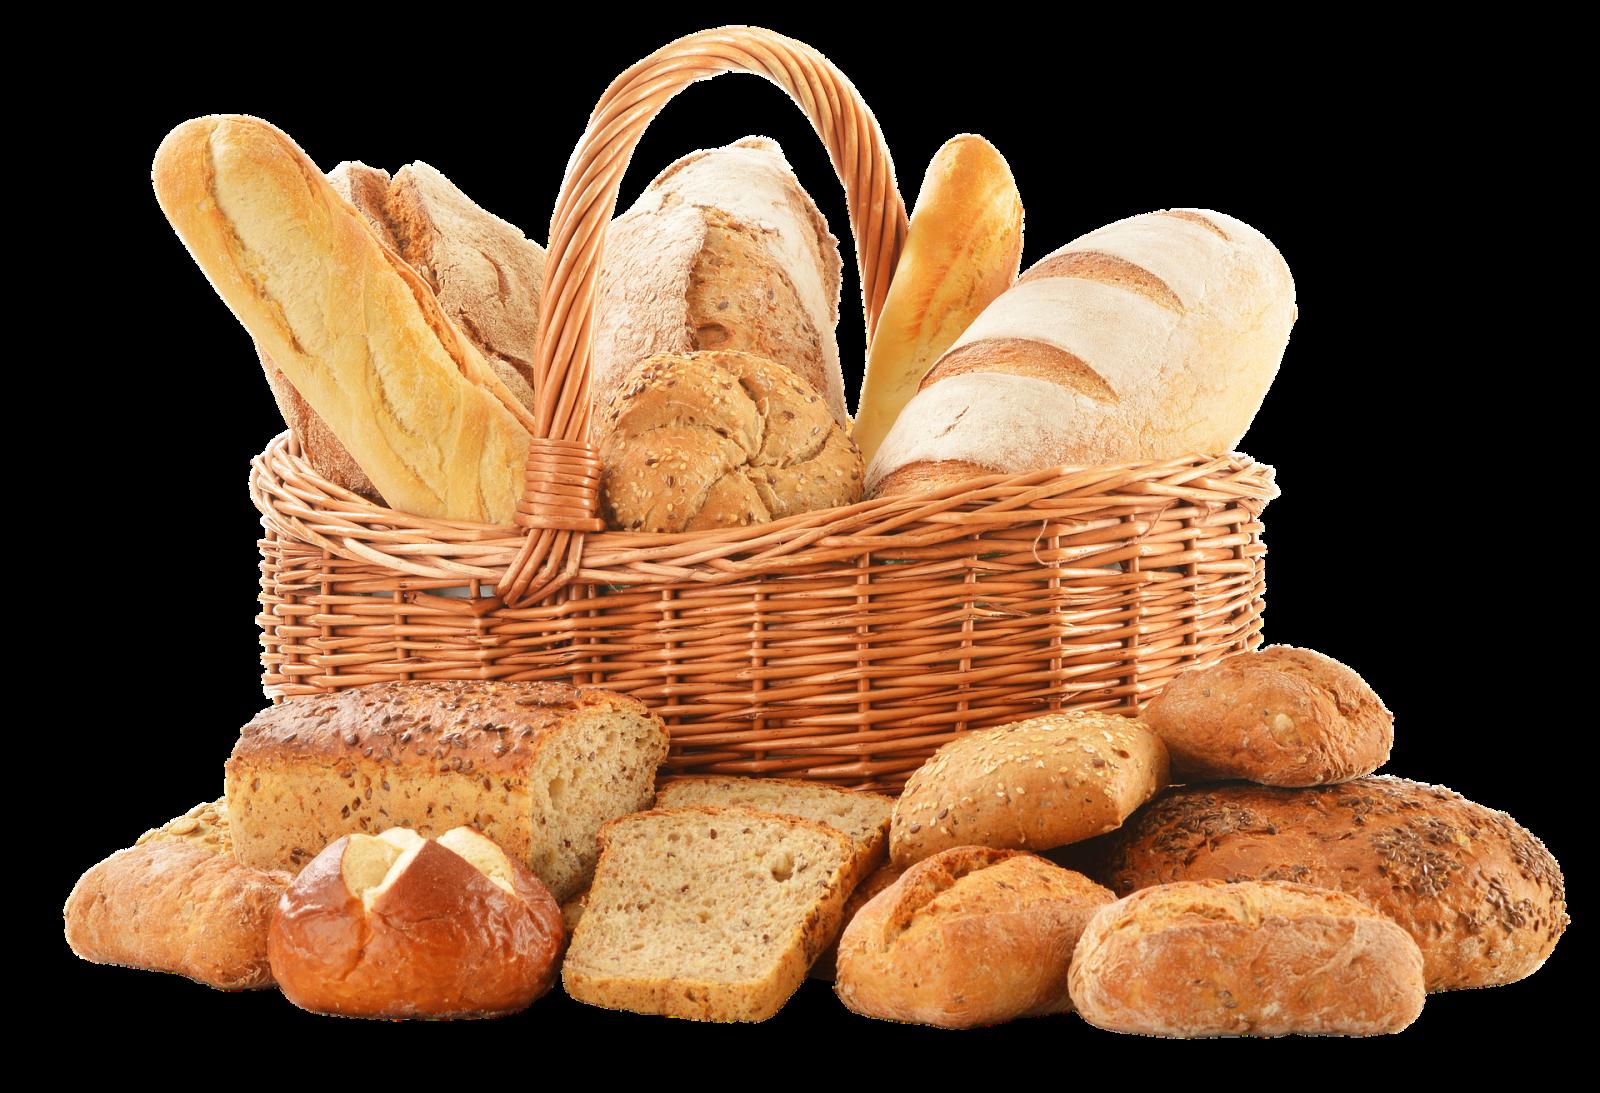 Boulangerie du Gros chêne à LA LOUPE © pixabay